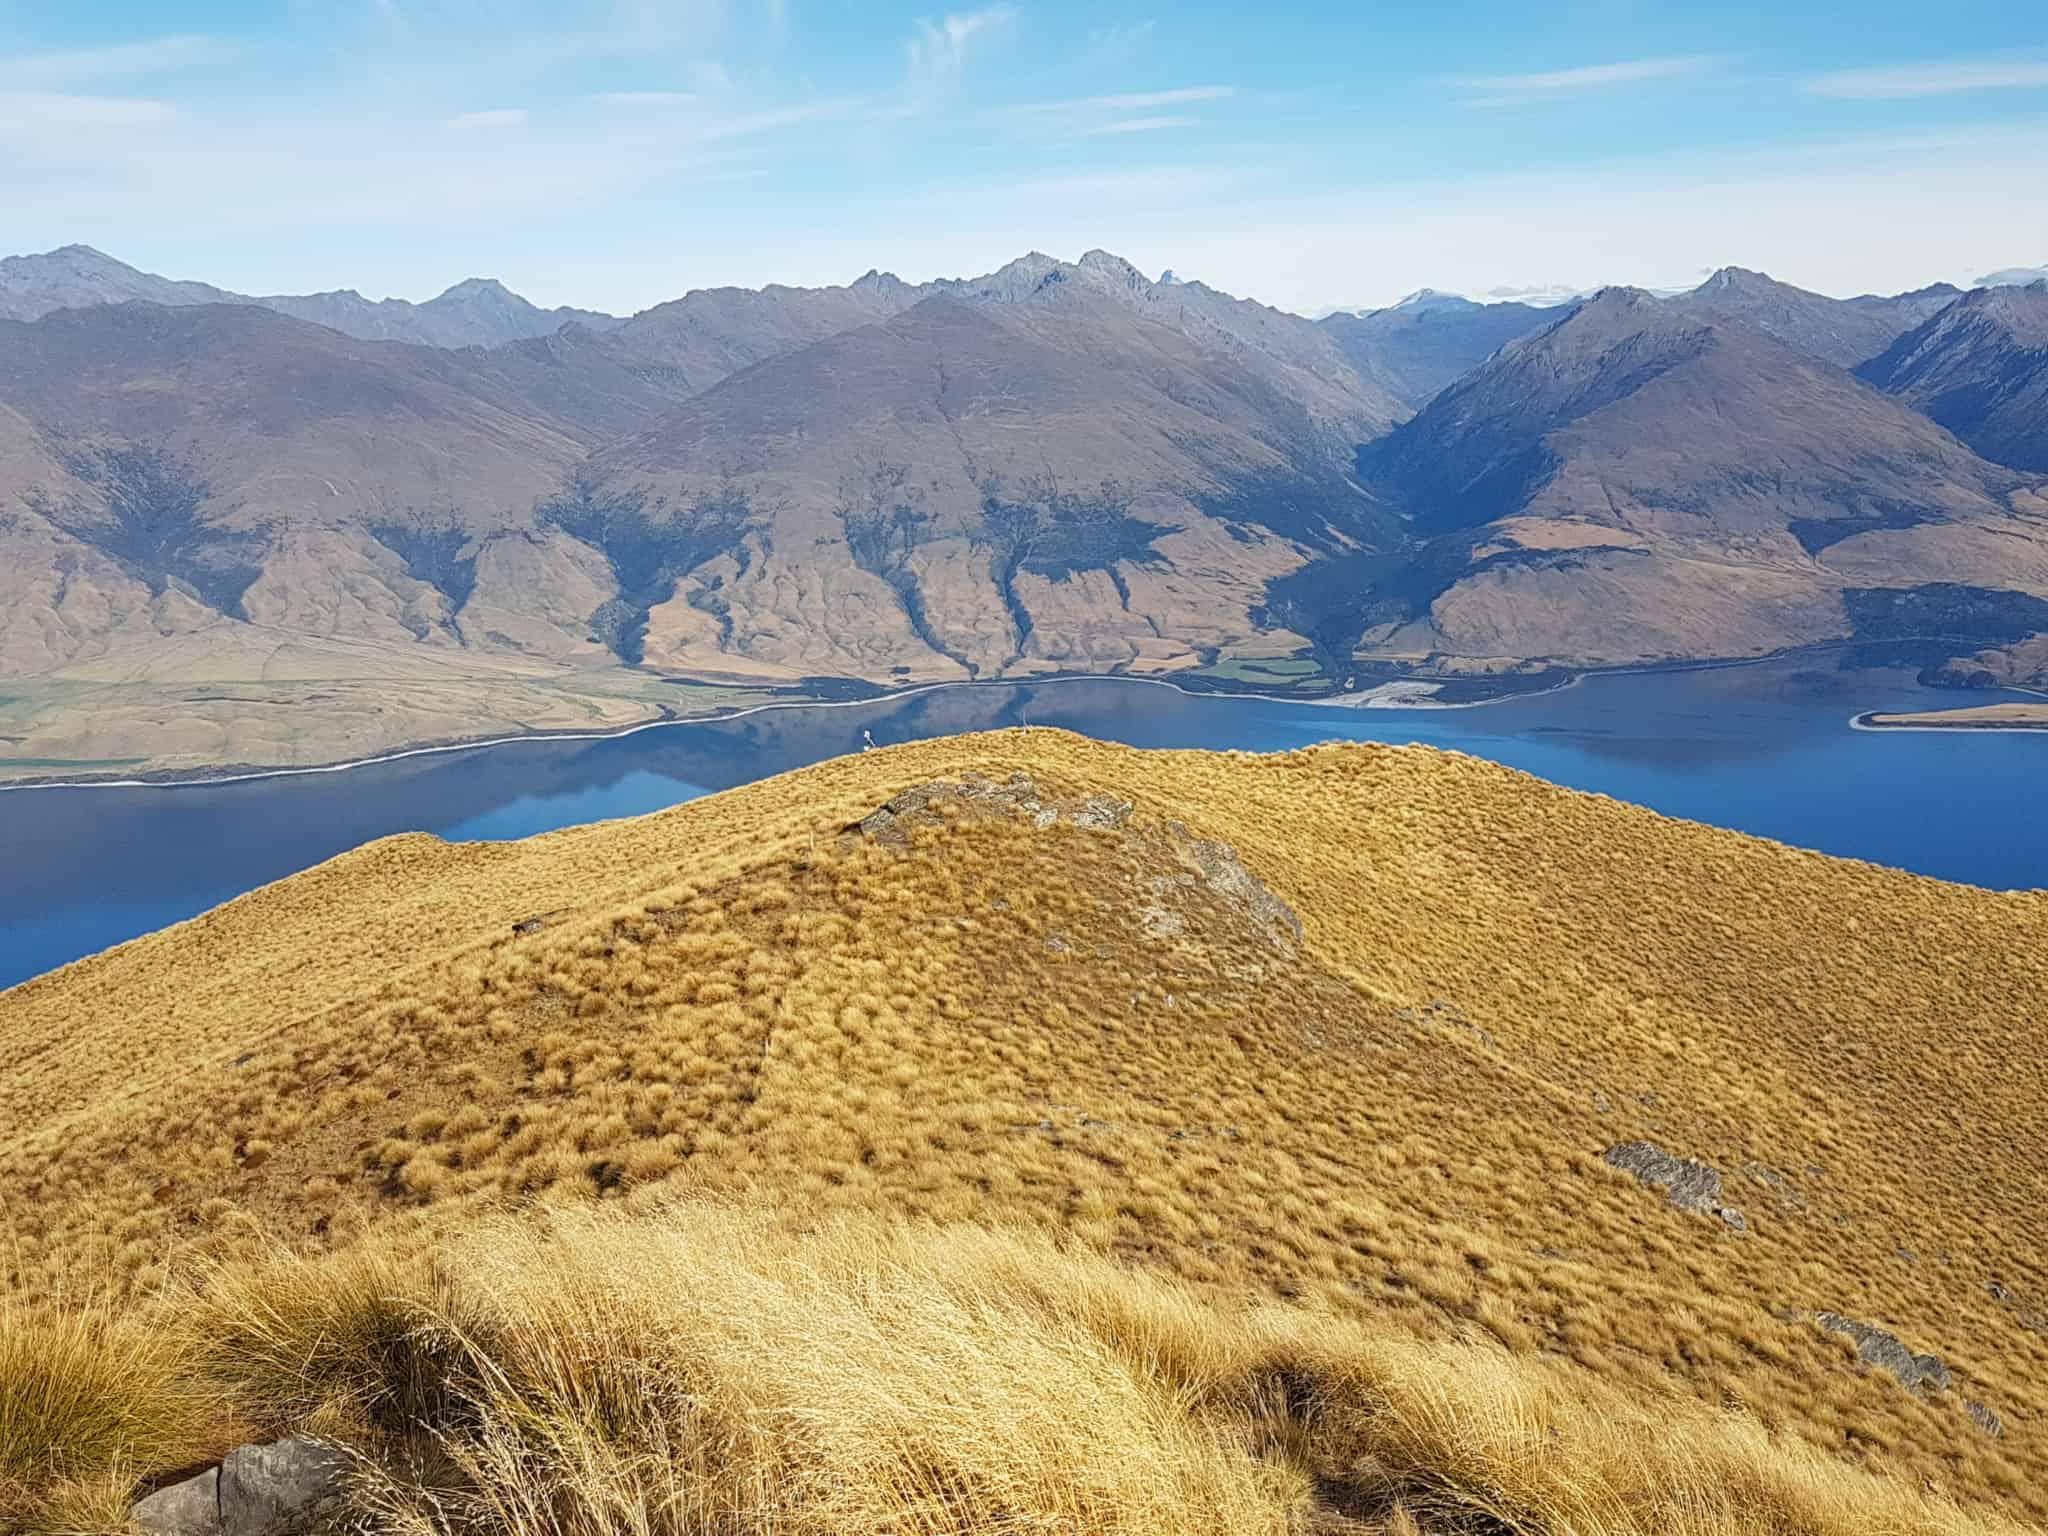 Nouvelle-Zélande, un magnifique lever de soleil depuis Isthmus Peak pour mes 30 ans 🎁 12